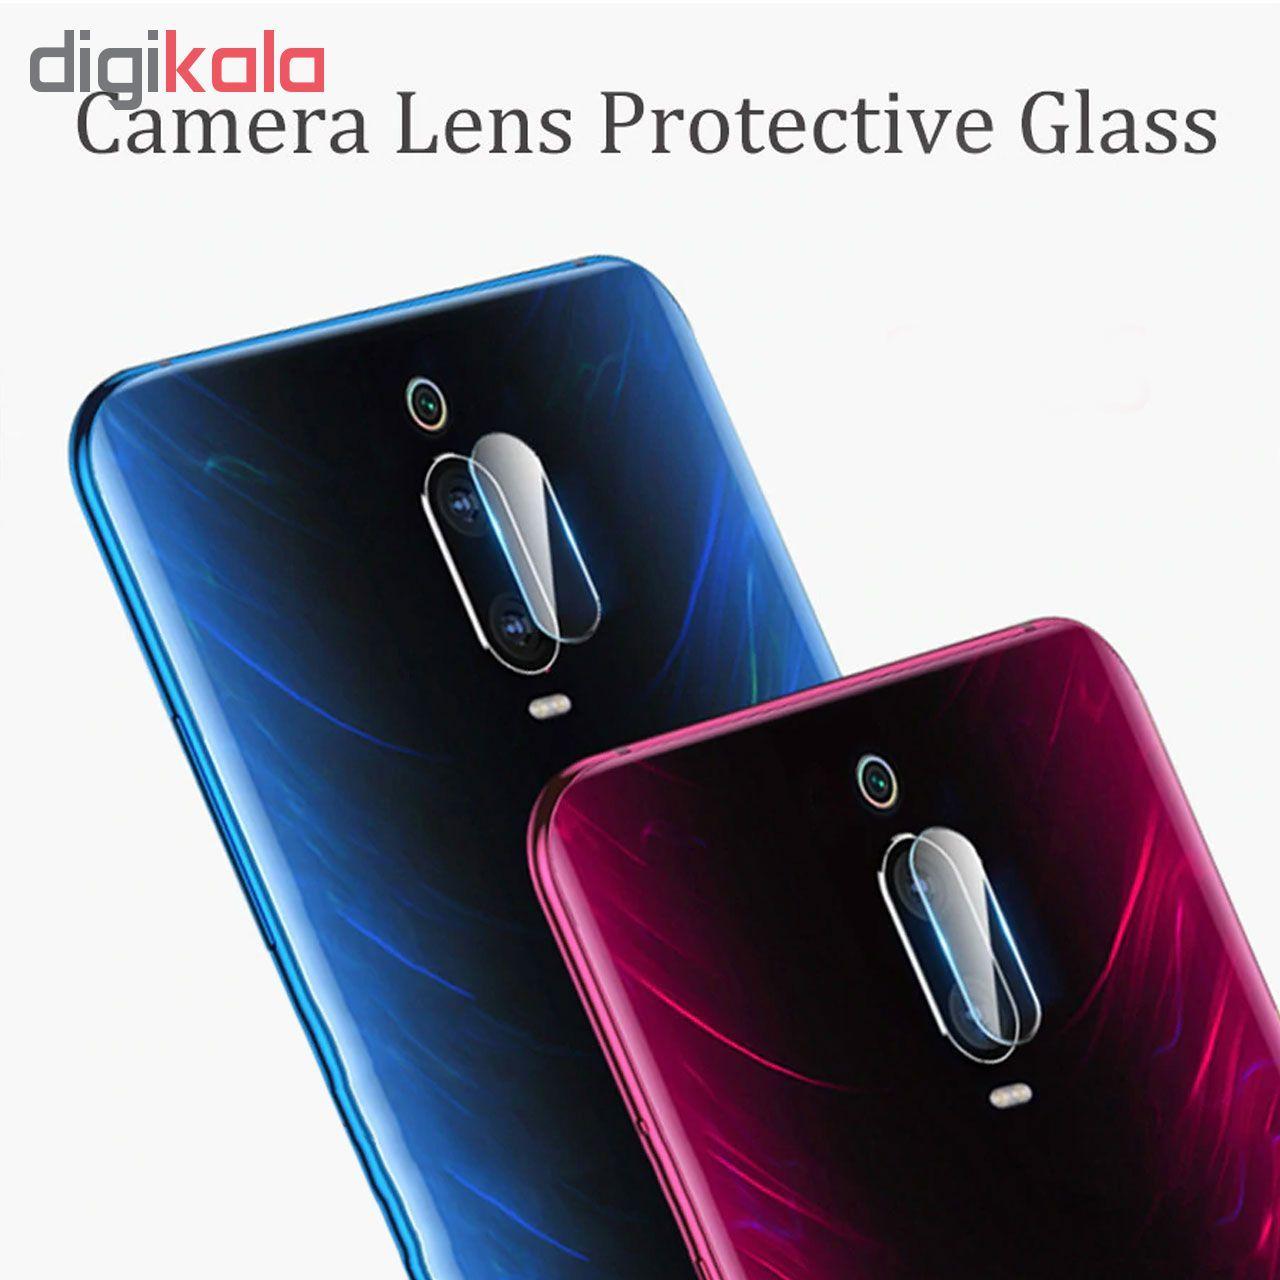 محافظ لنز دوربین تراستکتور مدل CLP مناسب برای گوشی موبایل شیائومی Redmi K20 / K20 Pro main 1 5